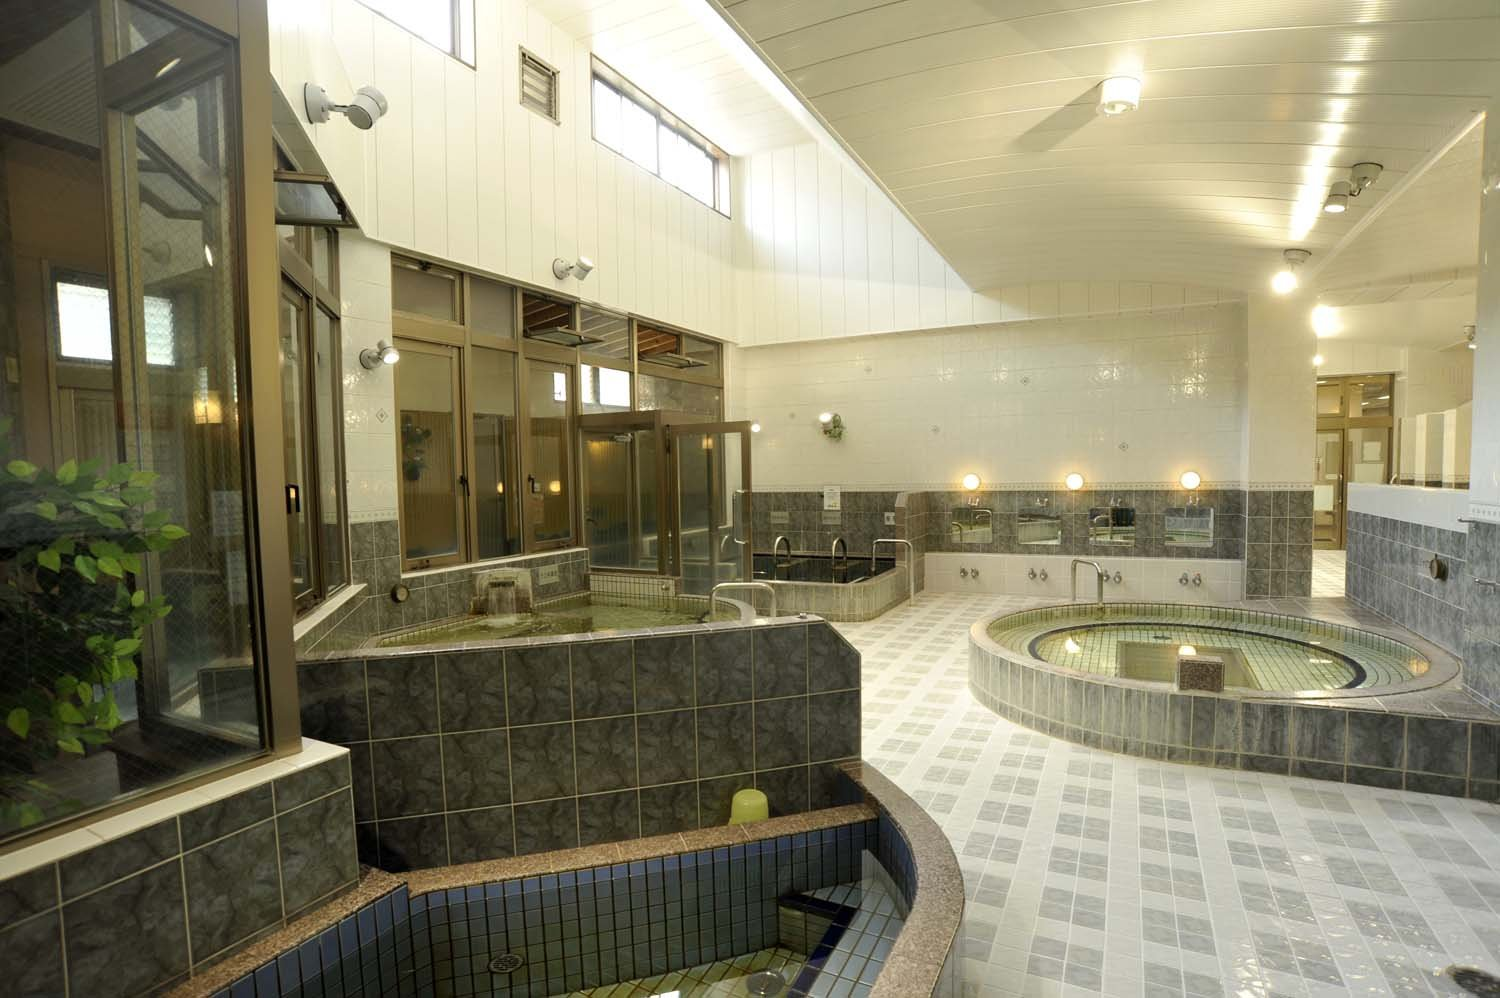 まずはぬる湯の円形浴槽に入ってから、浴槽のはしごを楽しむといい。